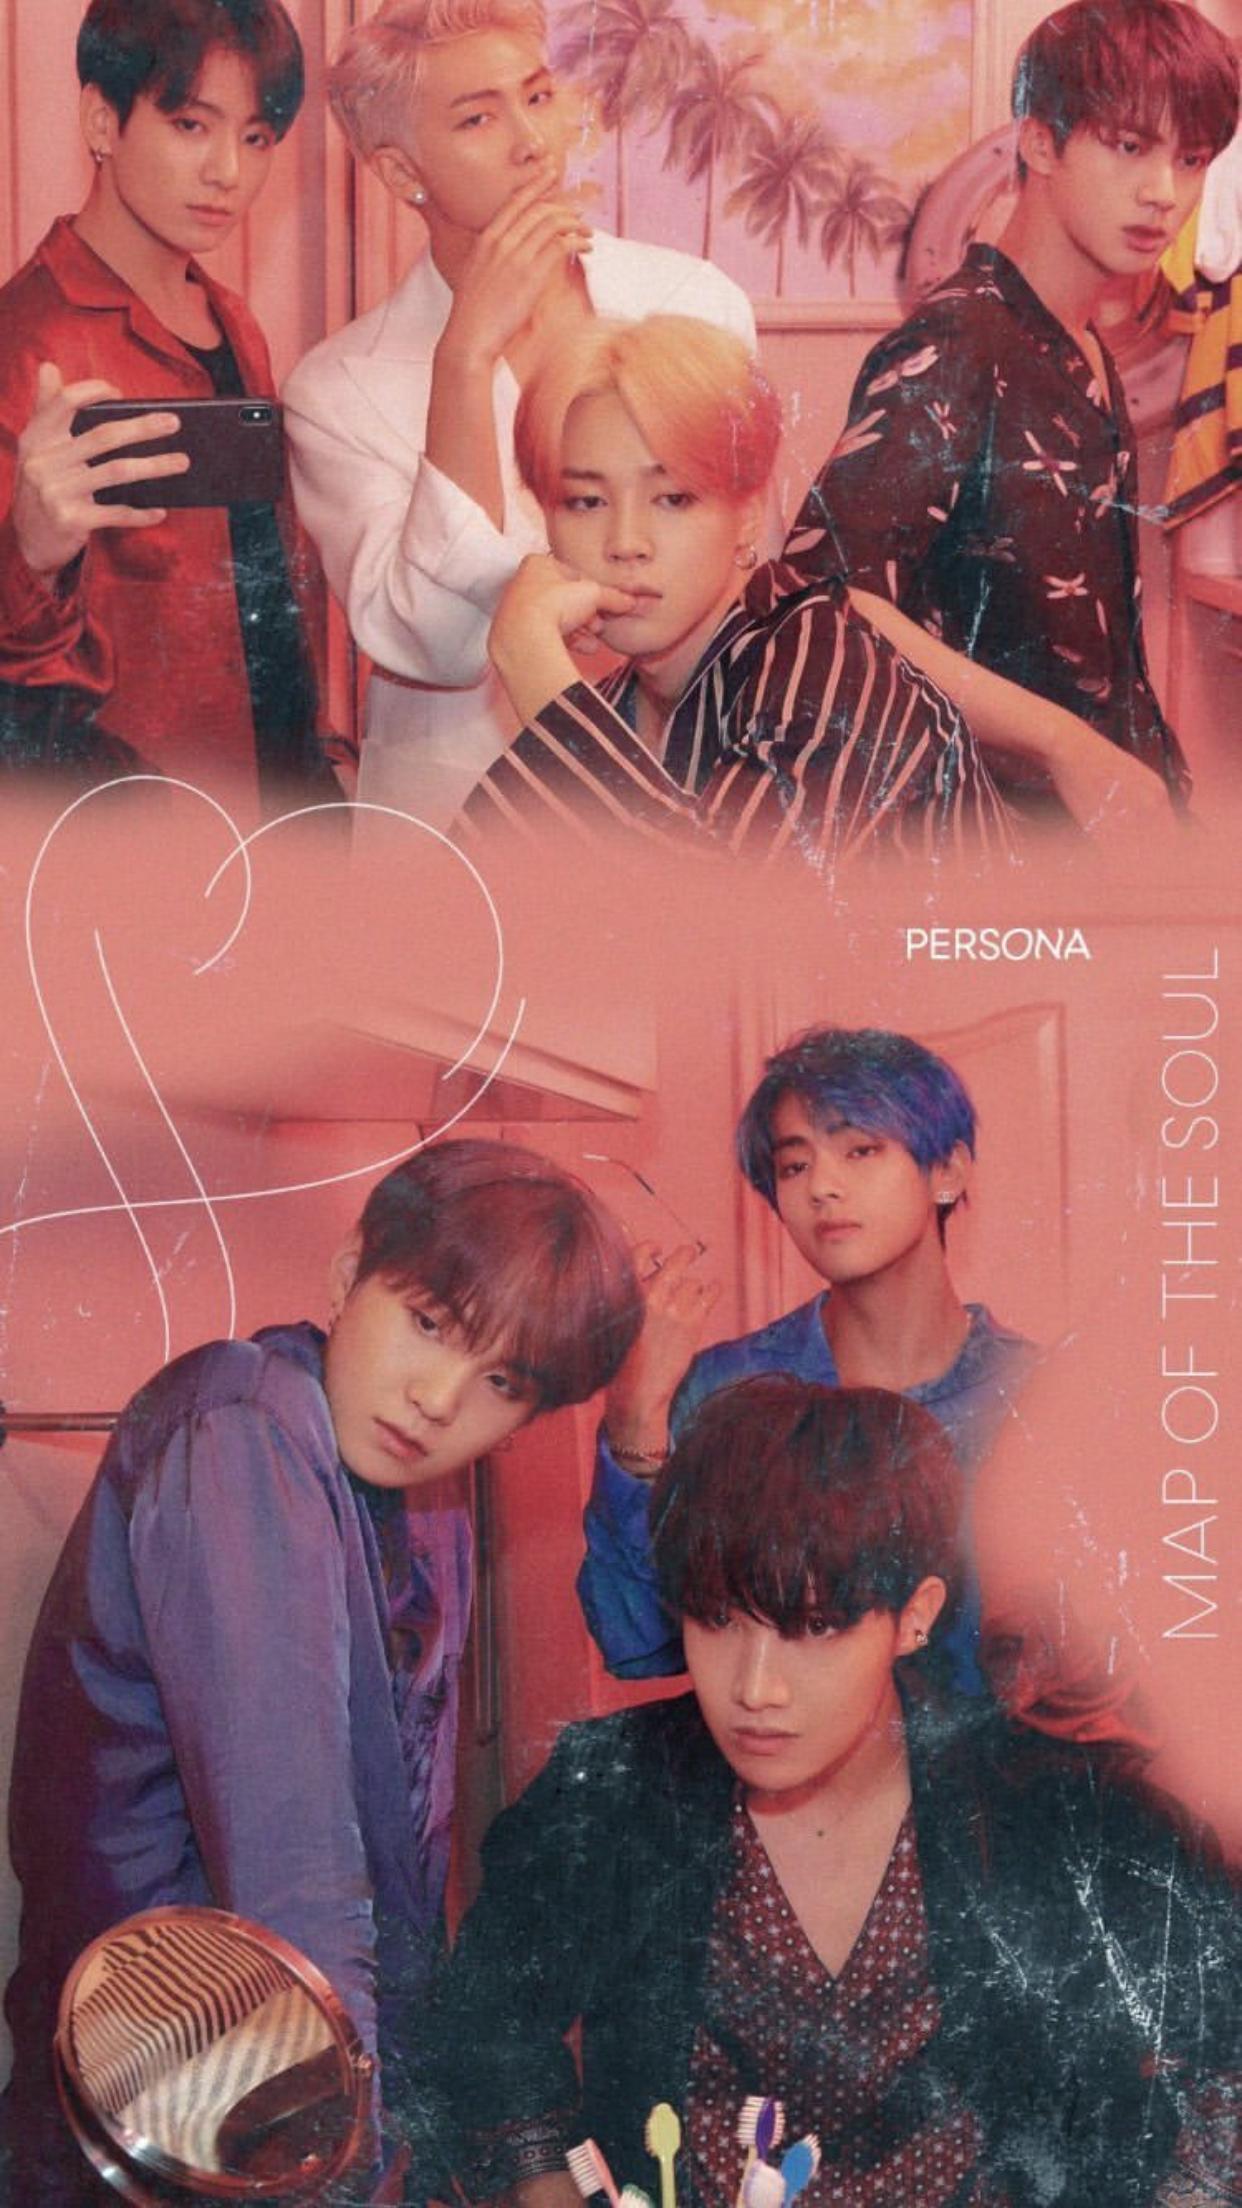 BTS persona wallpaper in 2019 Bts wallpaper, Bts